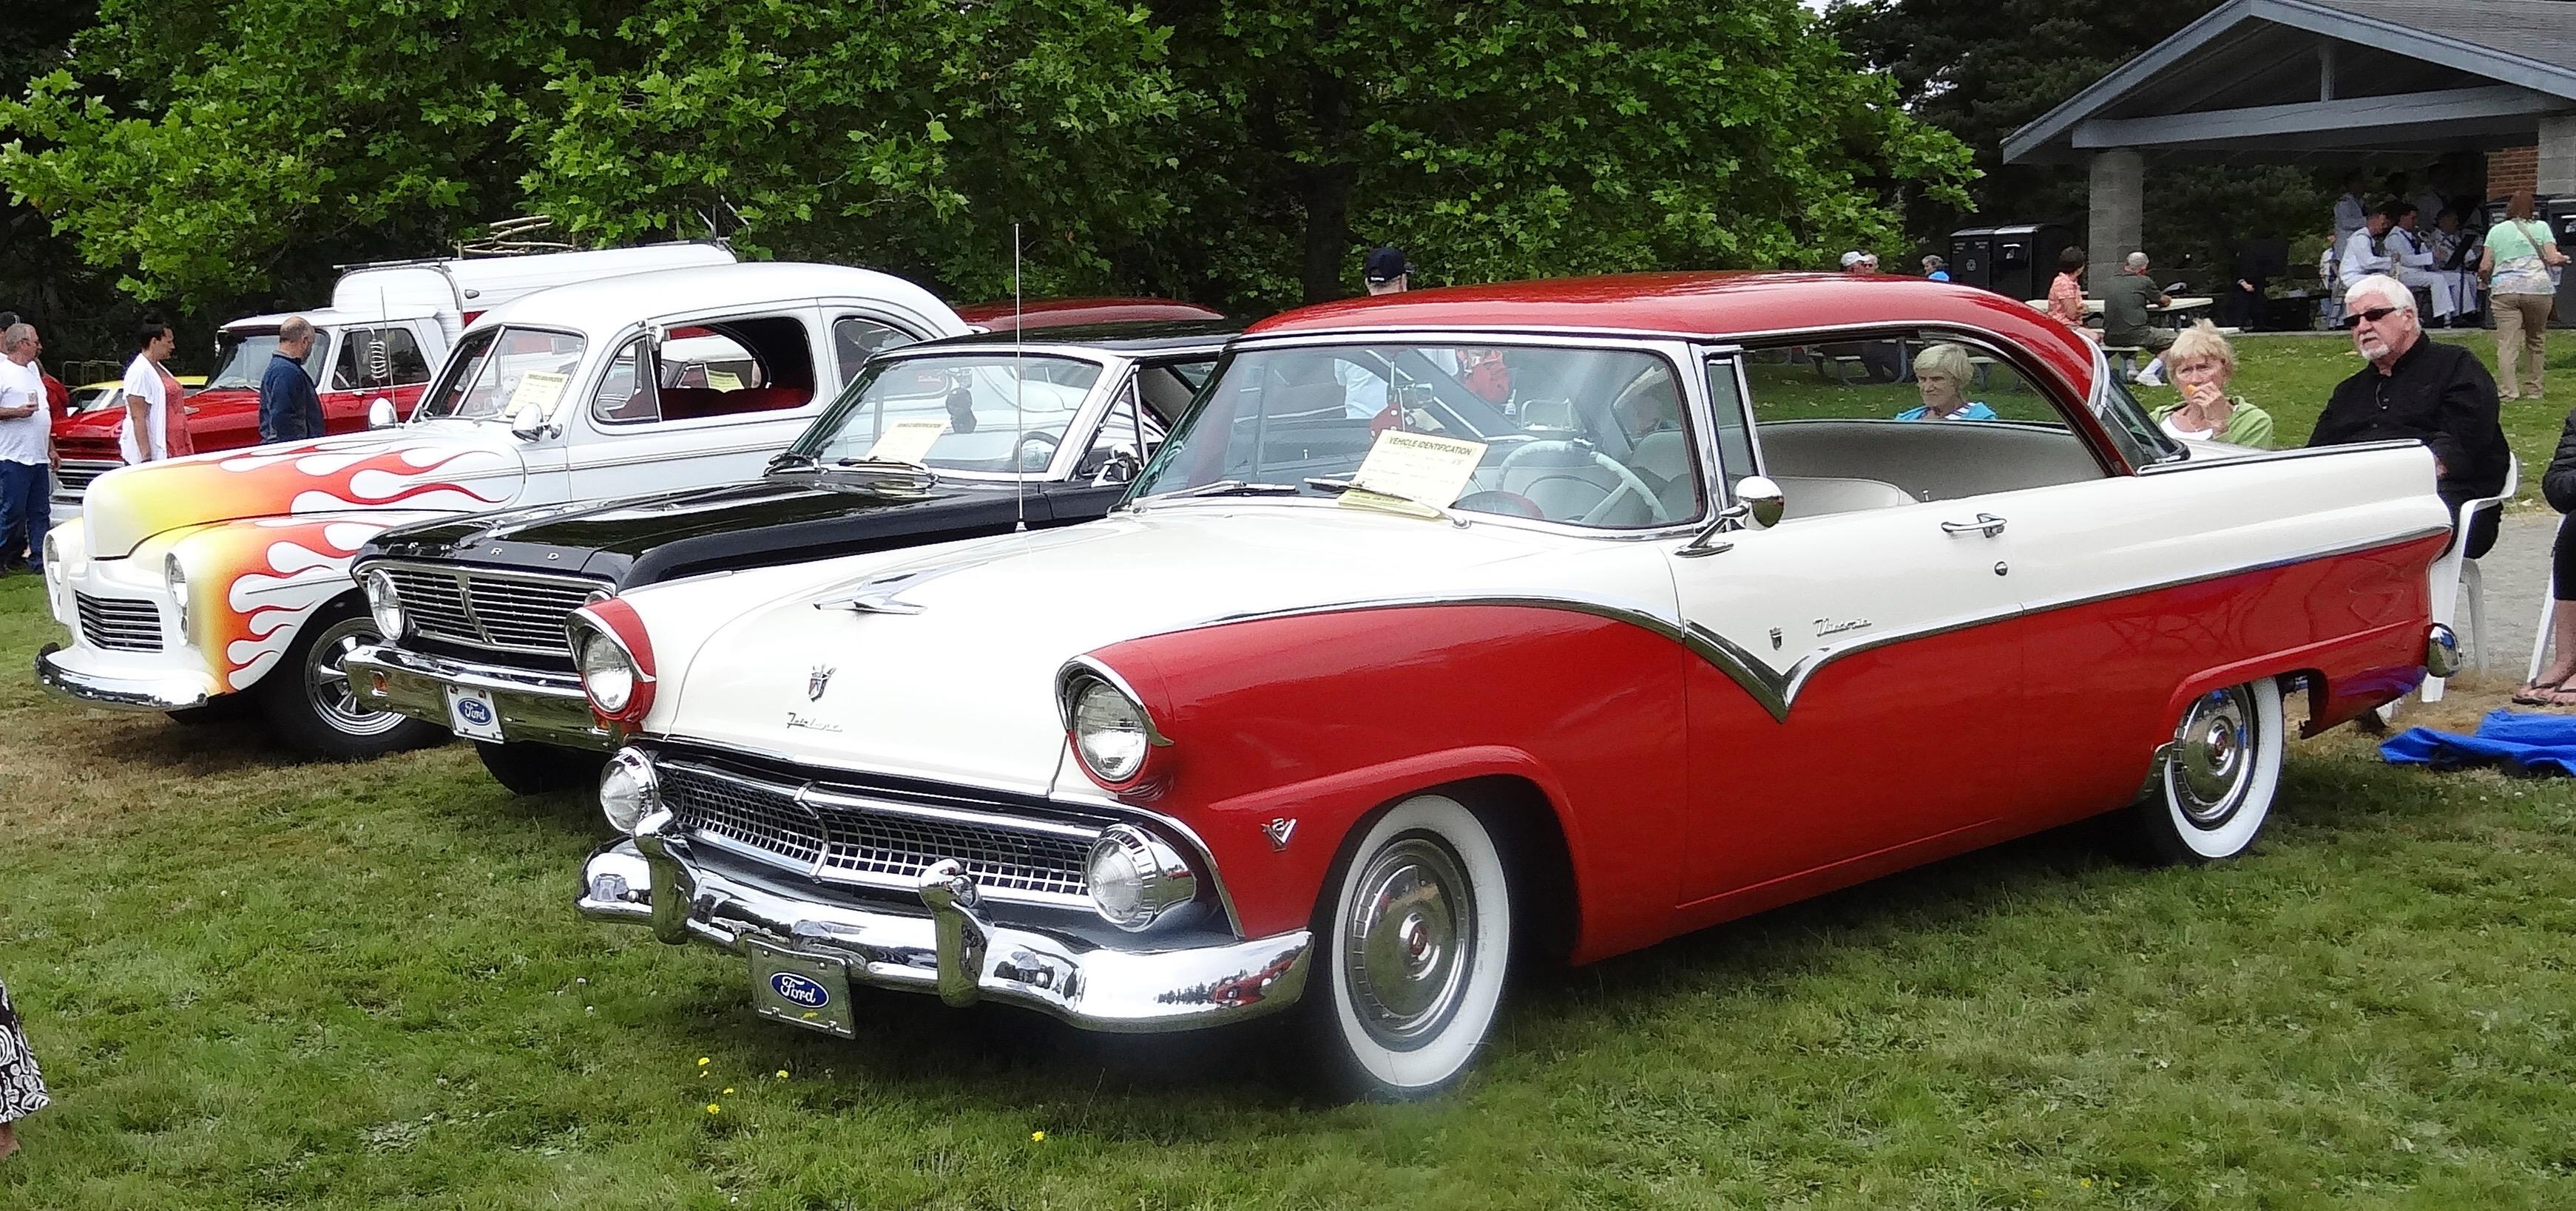 55 Ford Victoria